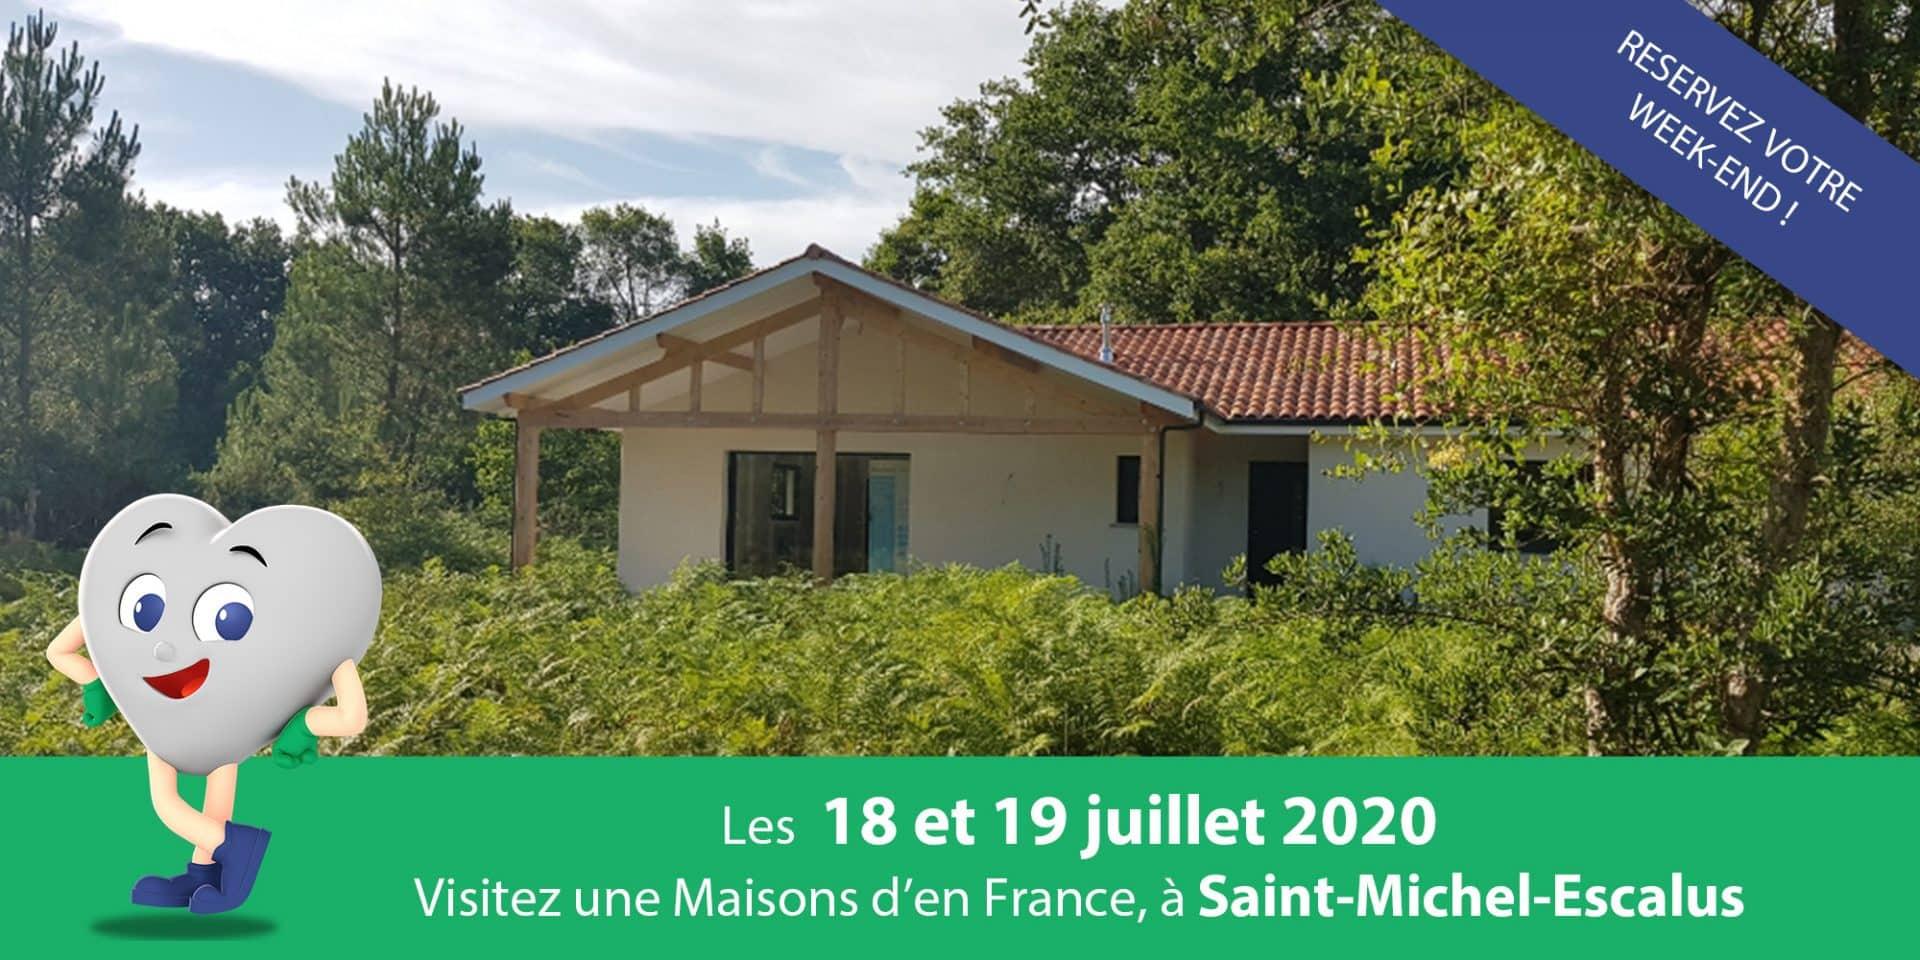 Maison neuve de 140m² et 4 chambre à Saint michel escalus landes